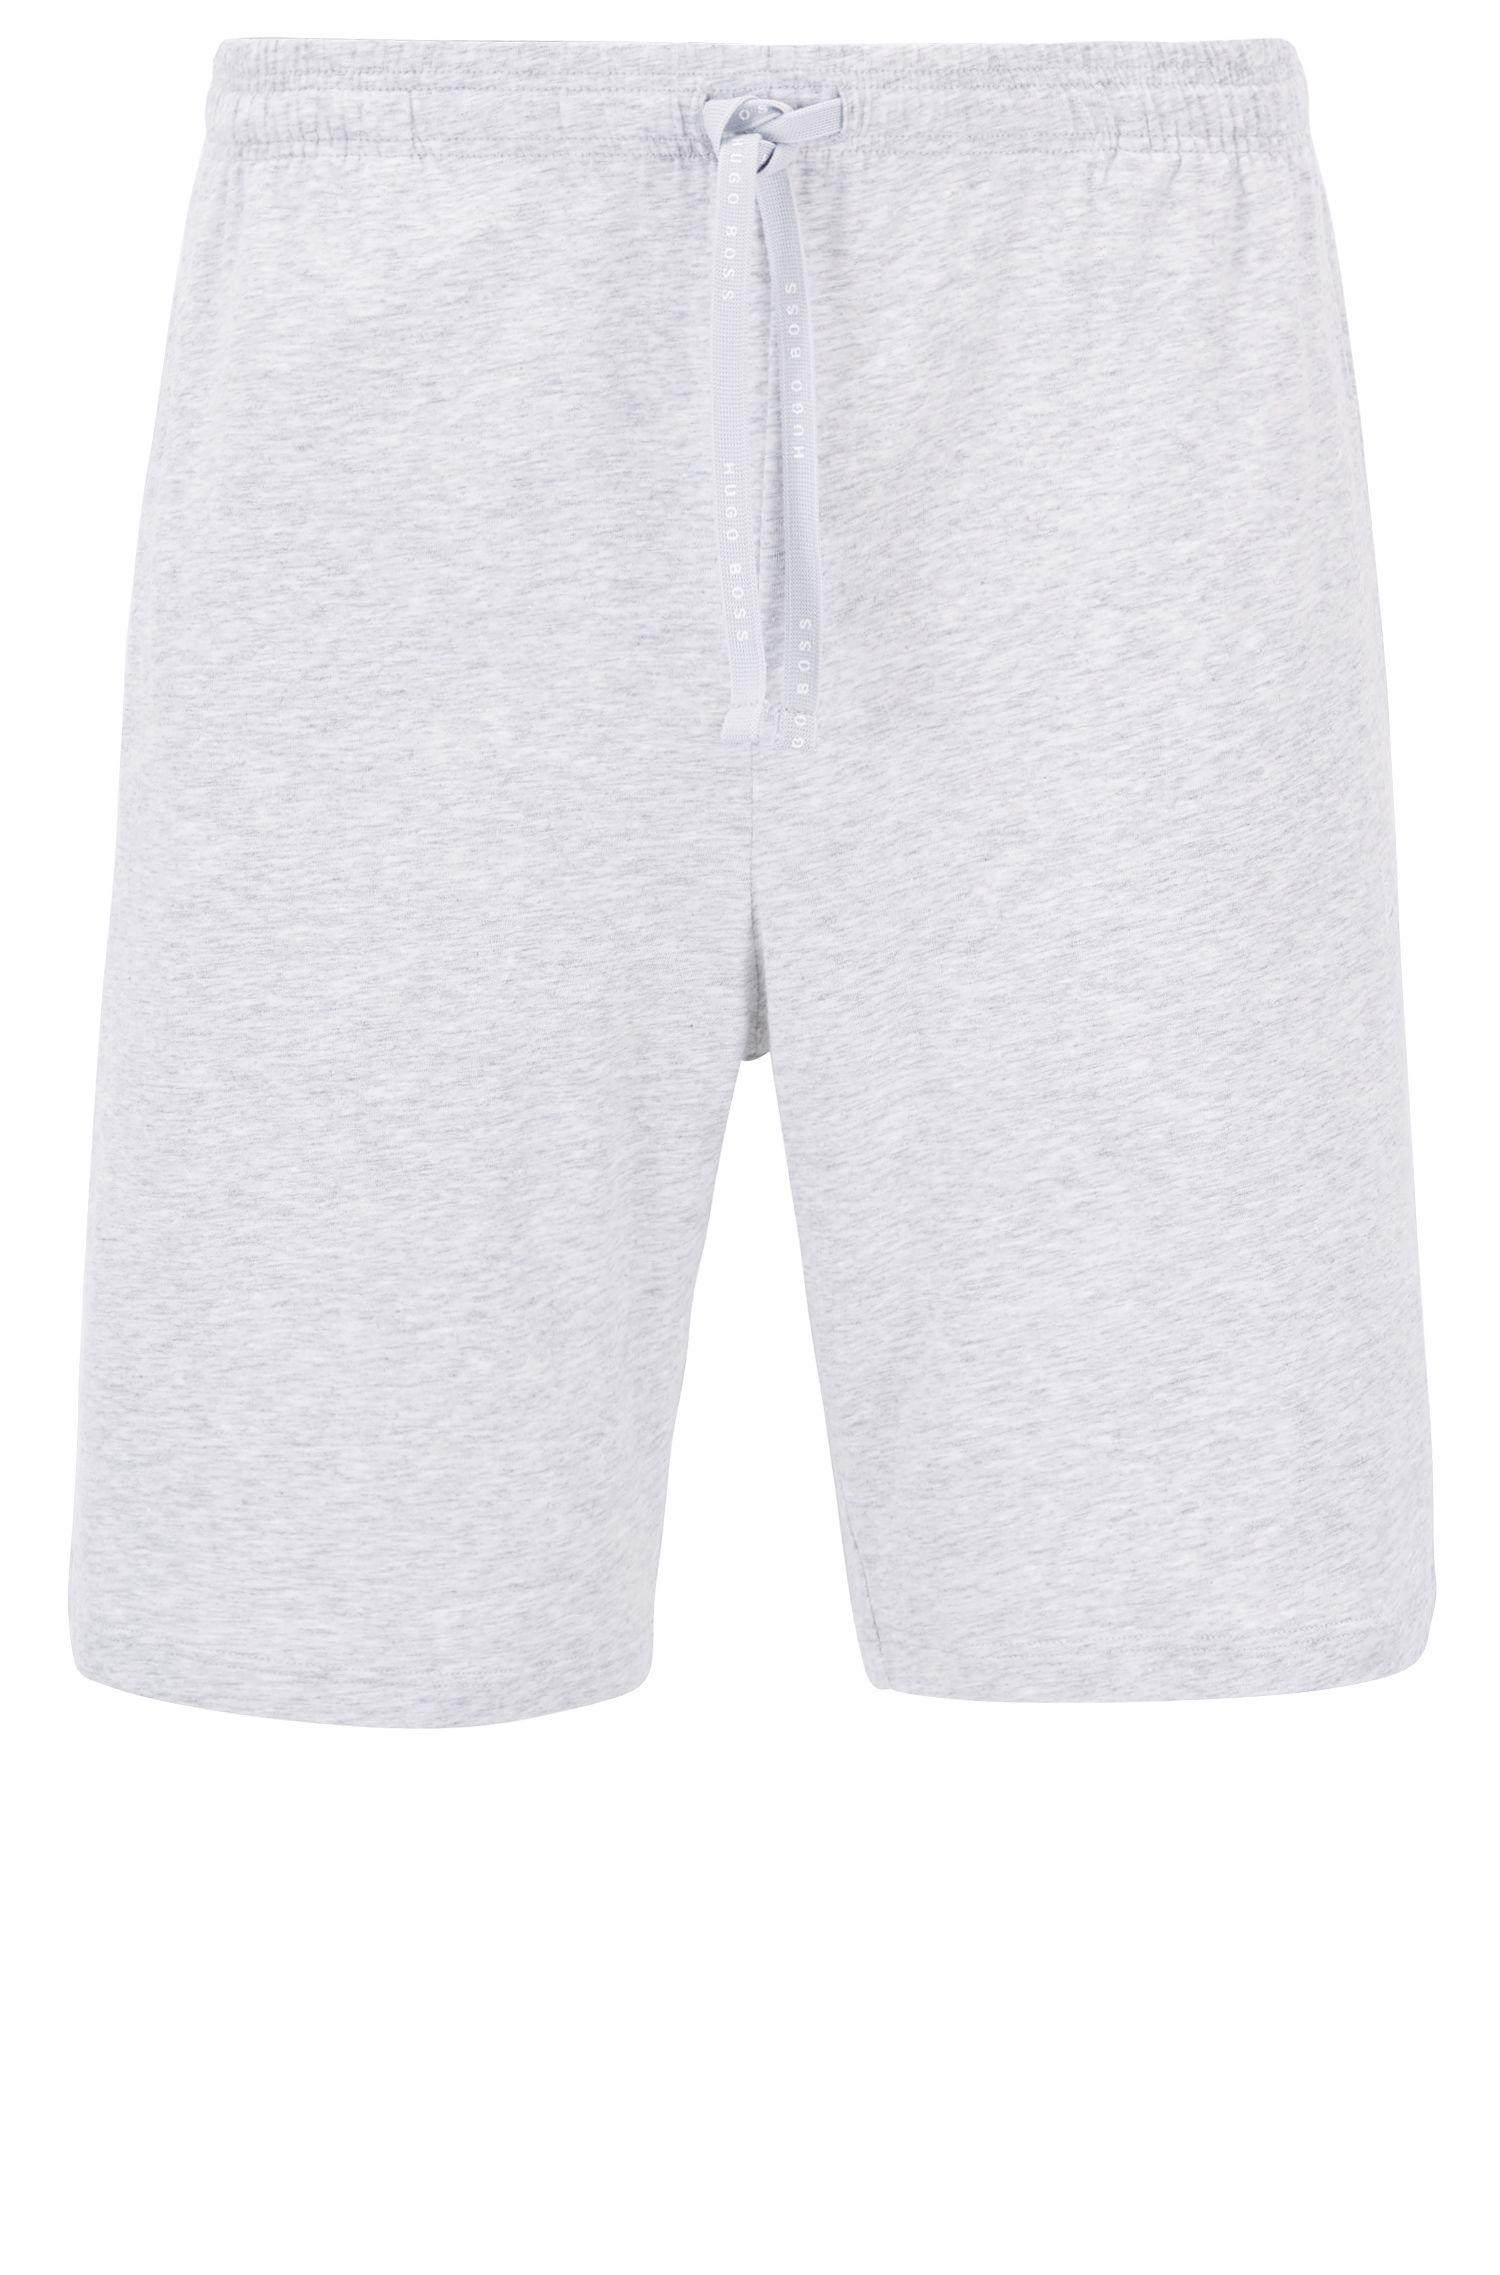 Shorts loungewear en punto de algodón elástico con cordón en la cintura